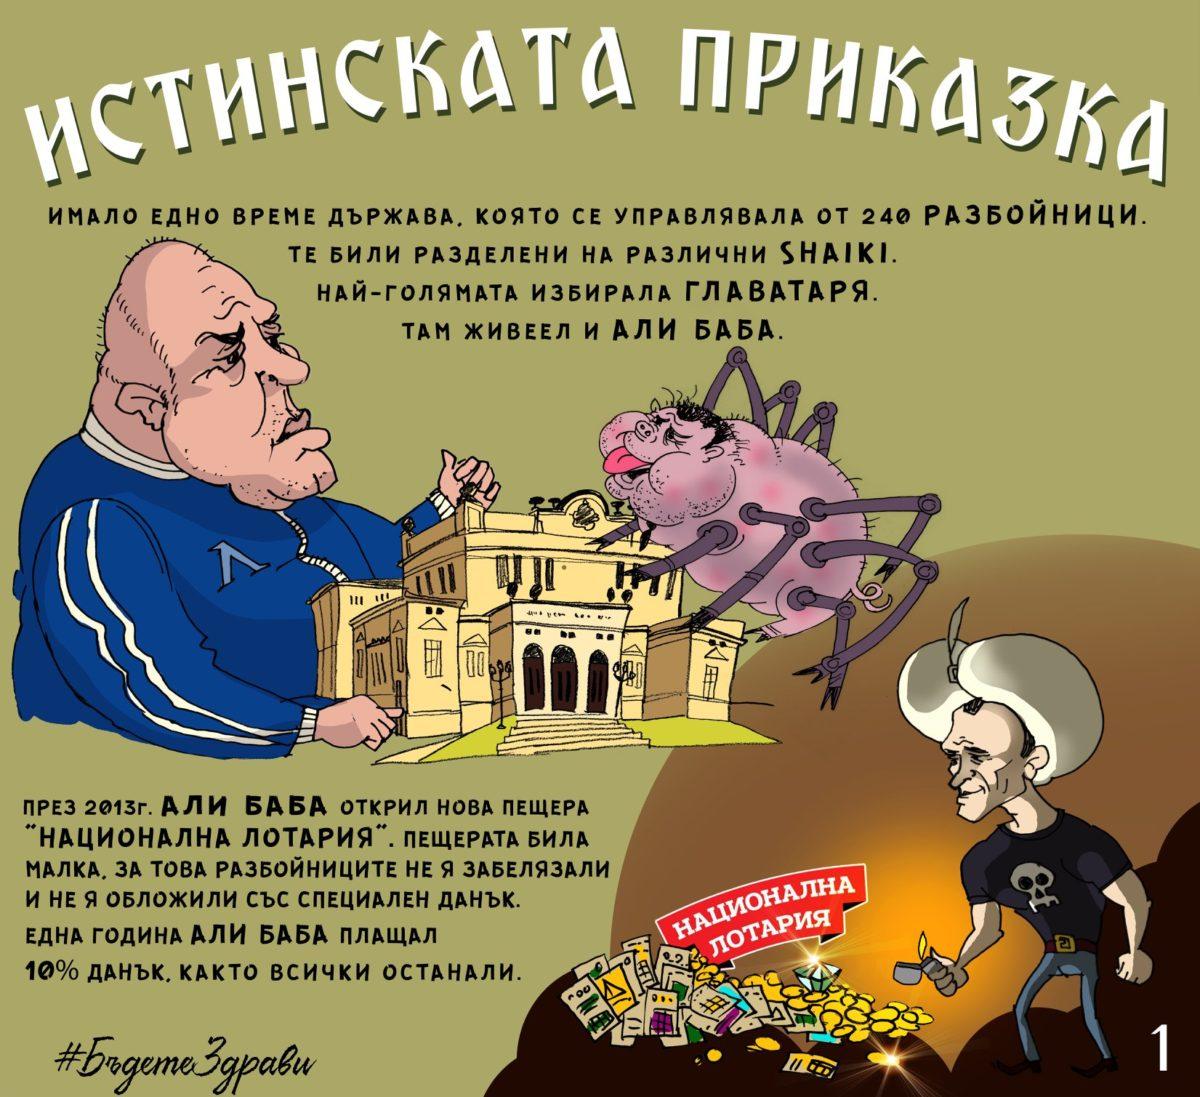 Божков разказа в комикс как бил принуден да плаща на управляващите 20% от печалбата на лотарията